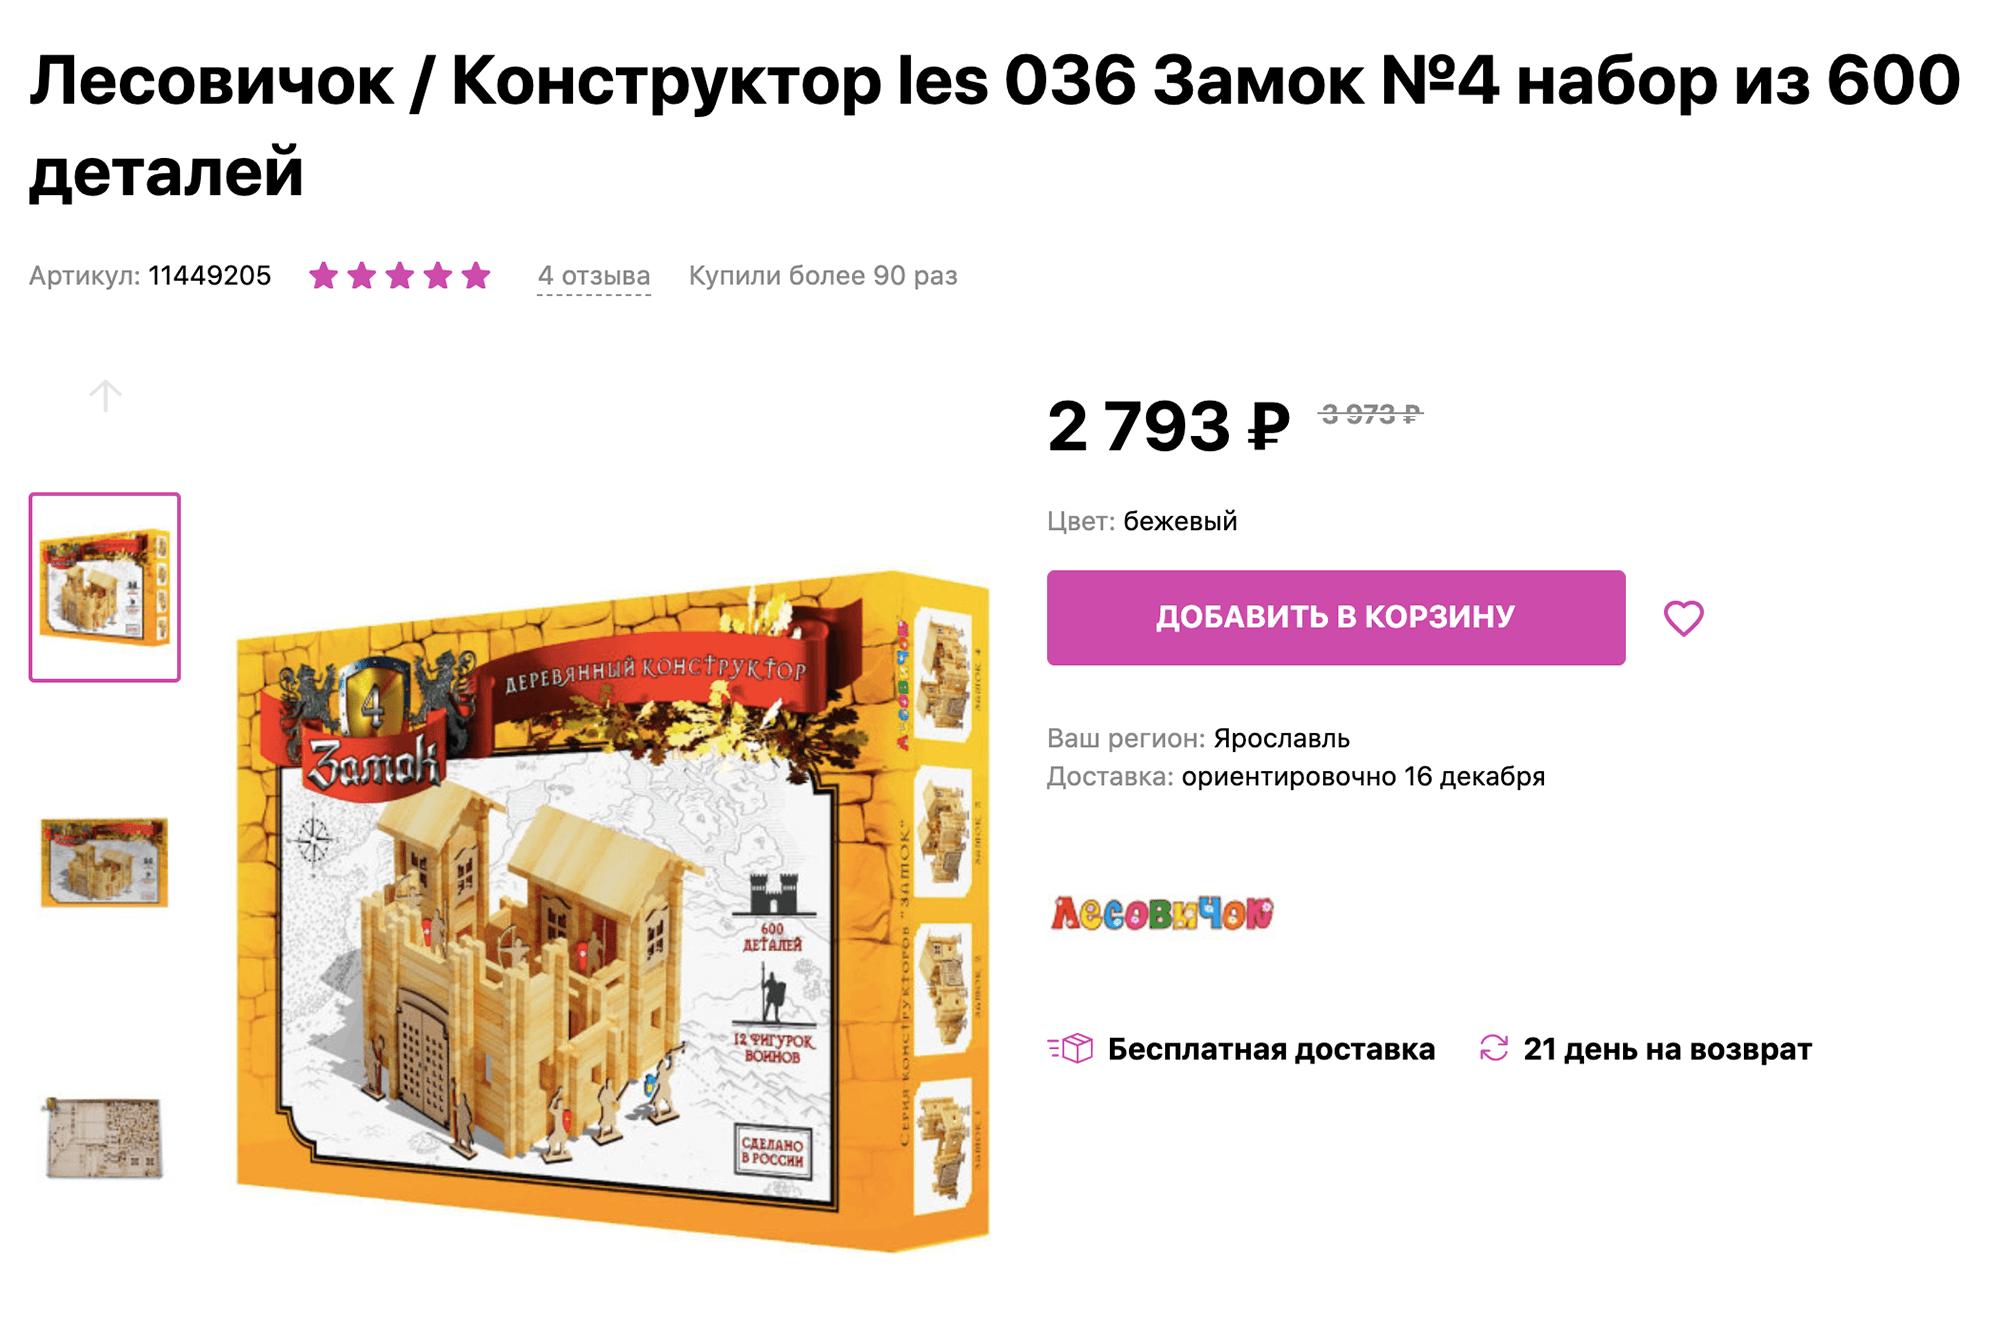 Вот такой конструктор из дерева можно было купить вместо всех этих мелких игрушек